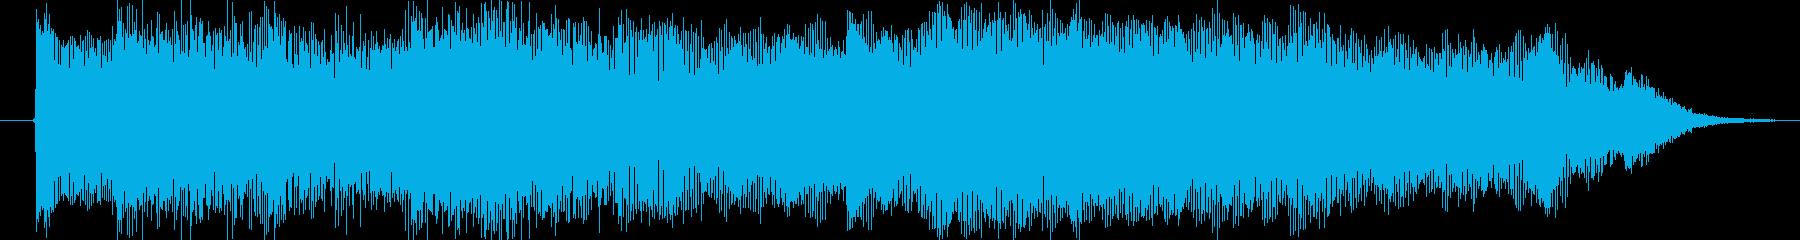 場面チェンジやCM等にの再生済みの波形